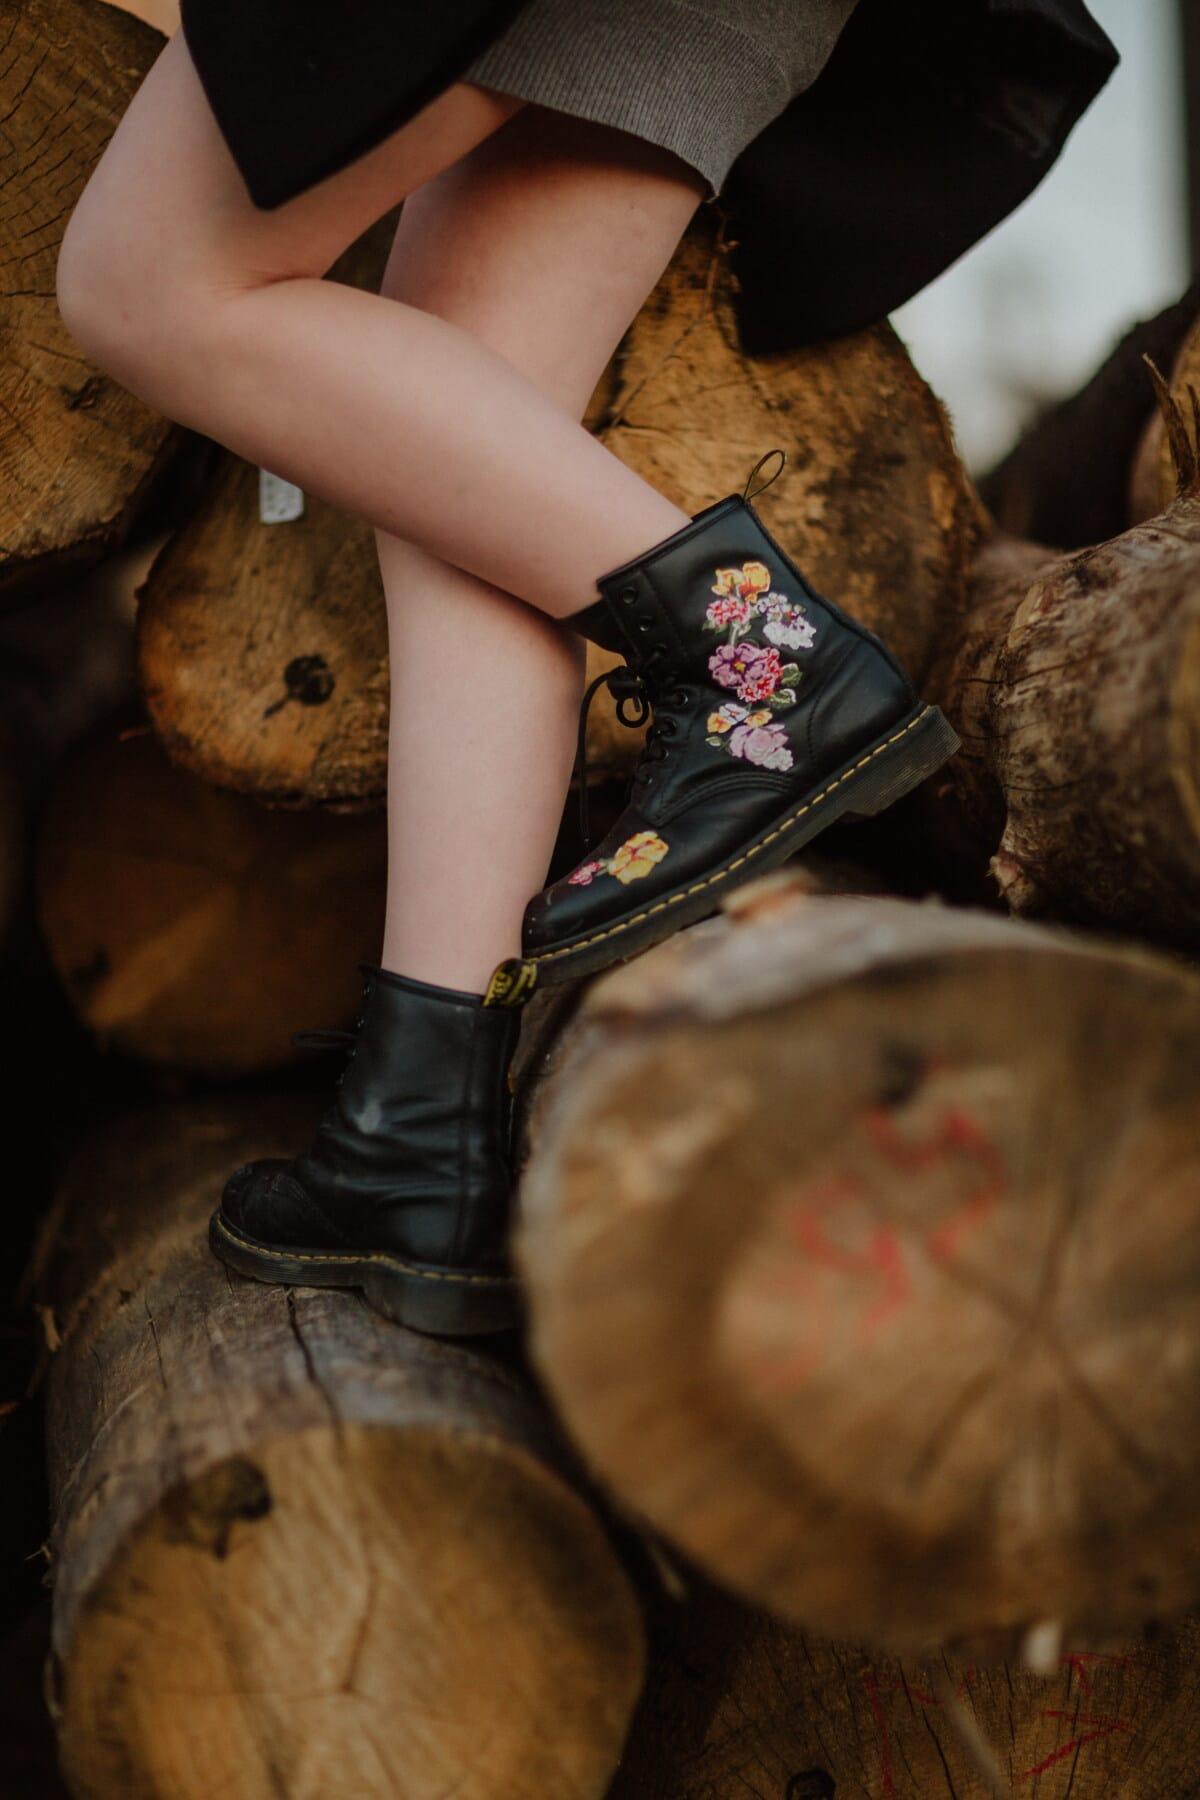 Schwarz, Leder, Lust auf, Stiefel, Beine, beiläufig, junge Frau, freier Stil, Frau, Mädchen